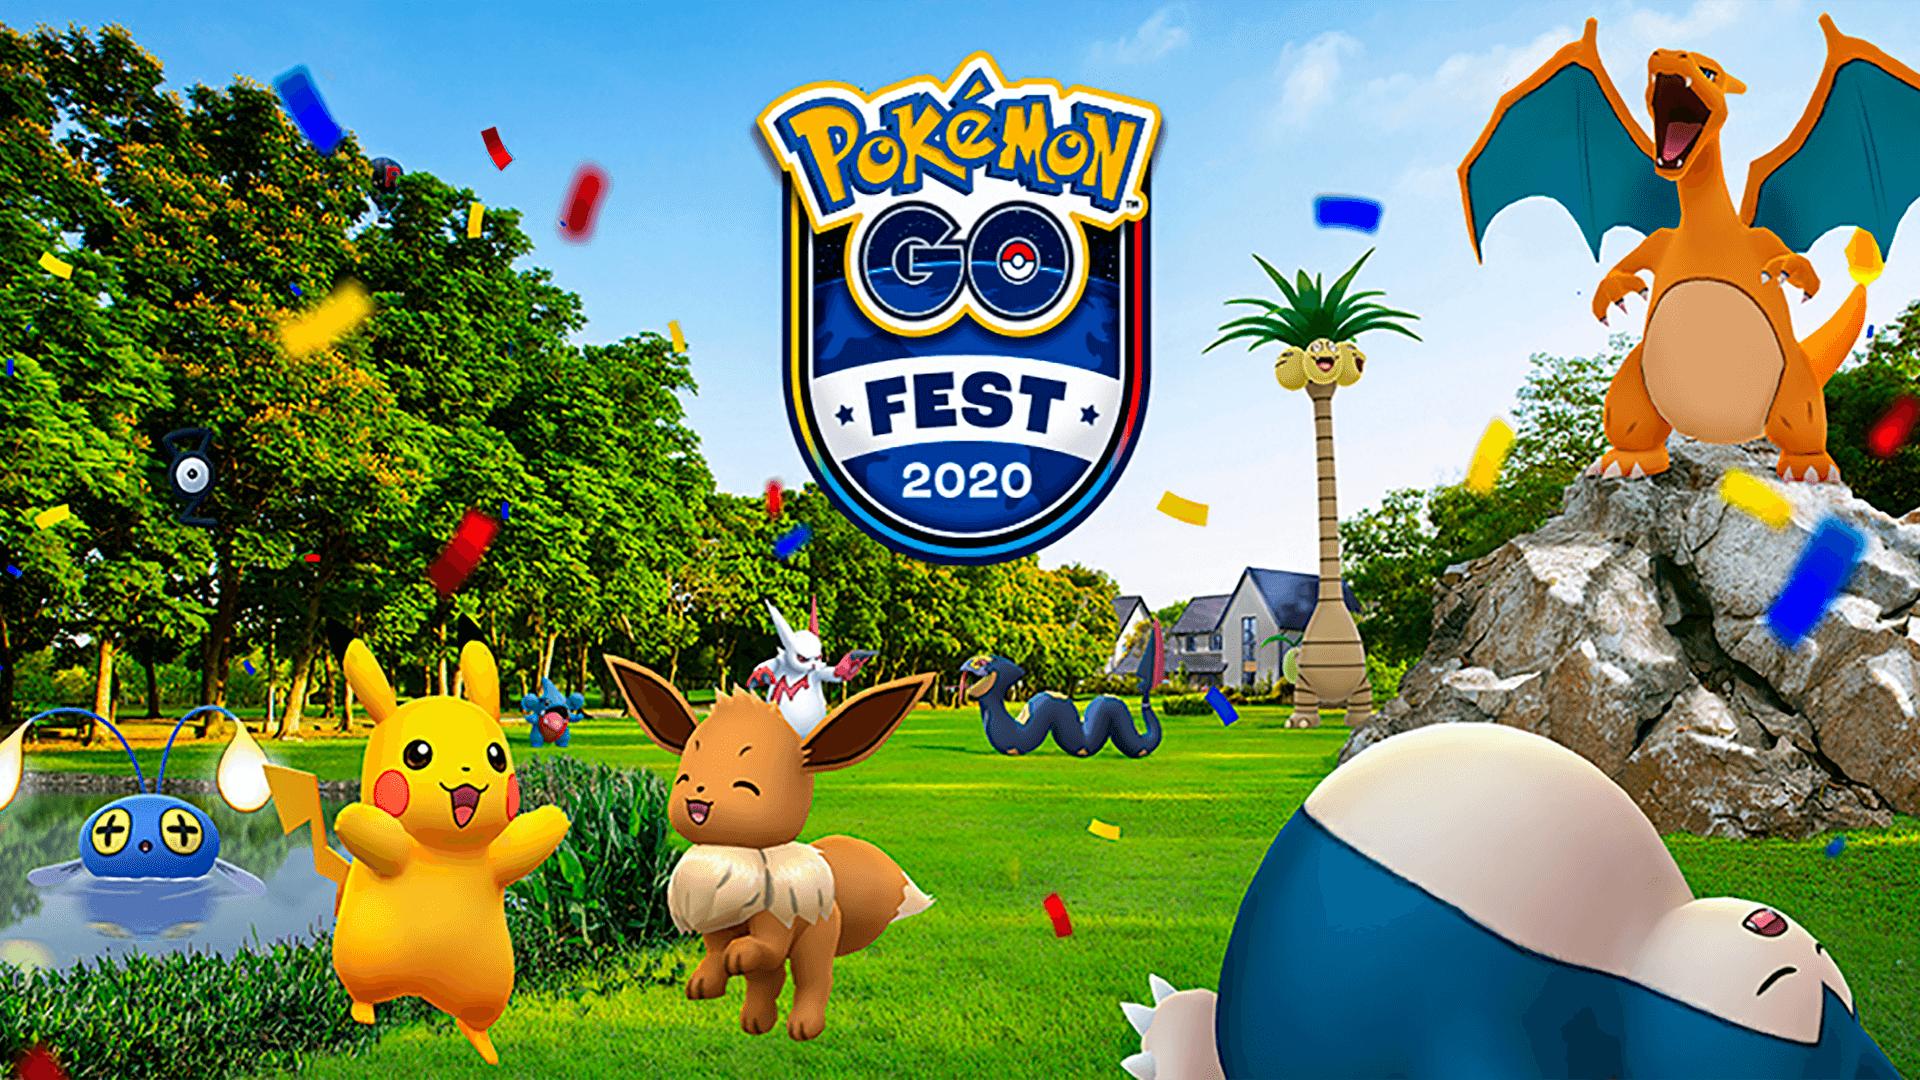 Pokemon Go Fest 2020 Poster